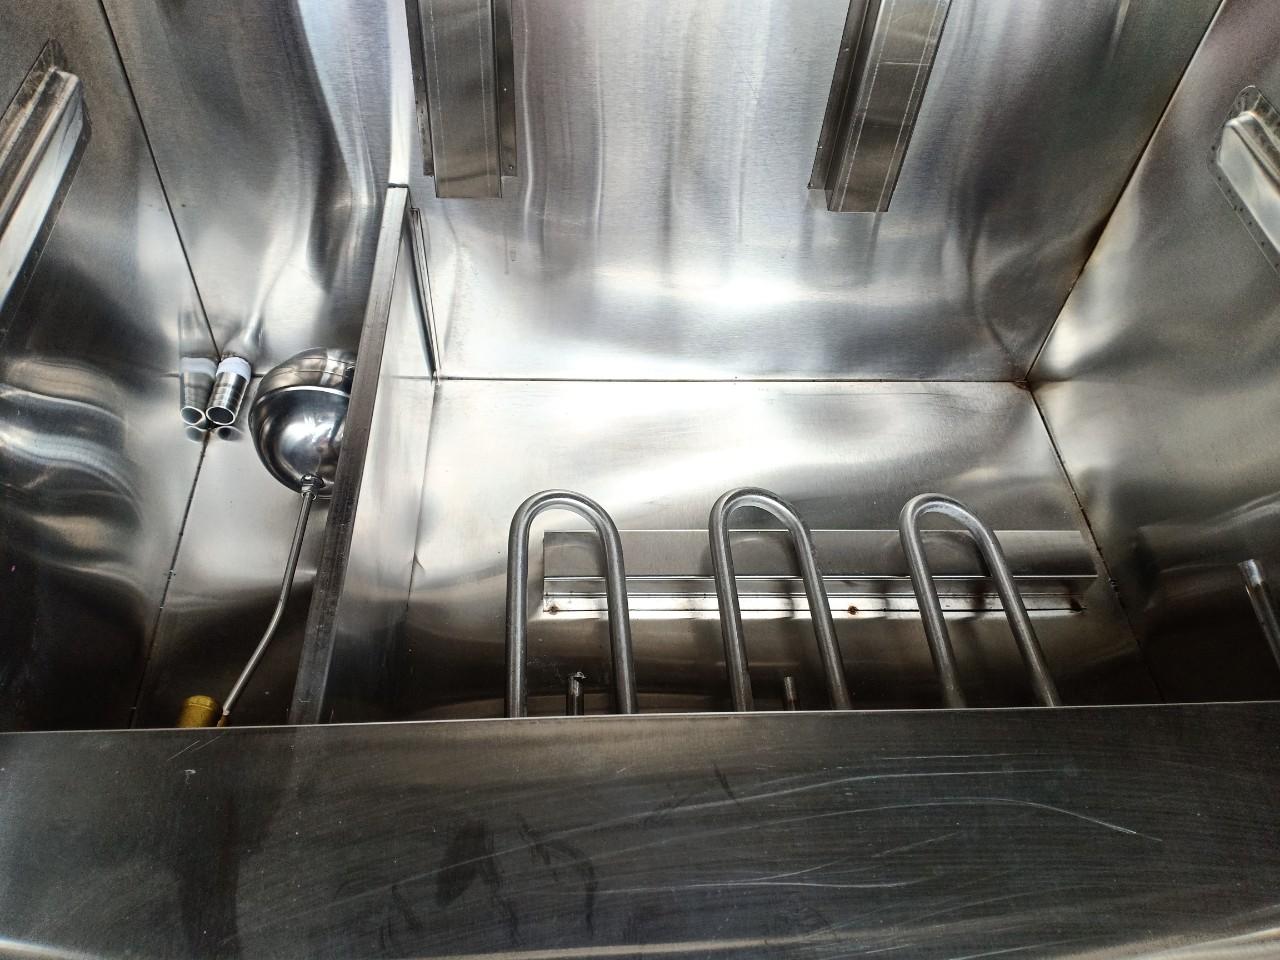 Tủ nấu cơm điện 12 khay bảng điều khiển cảm ứng 2020